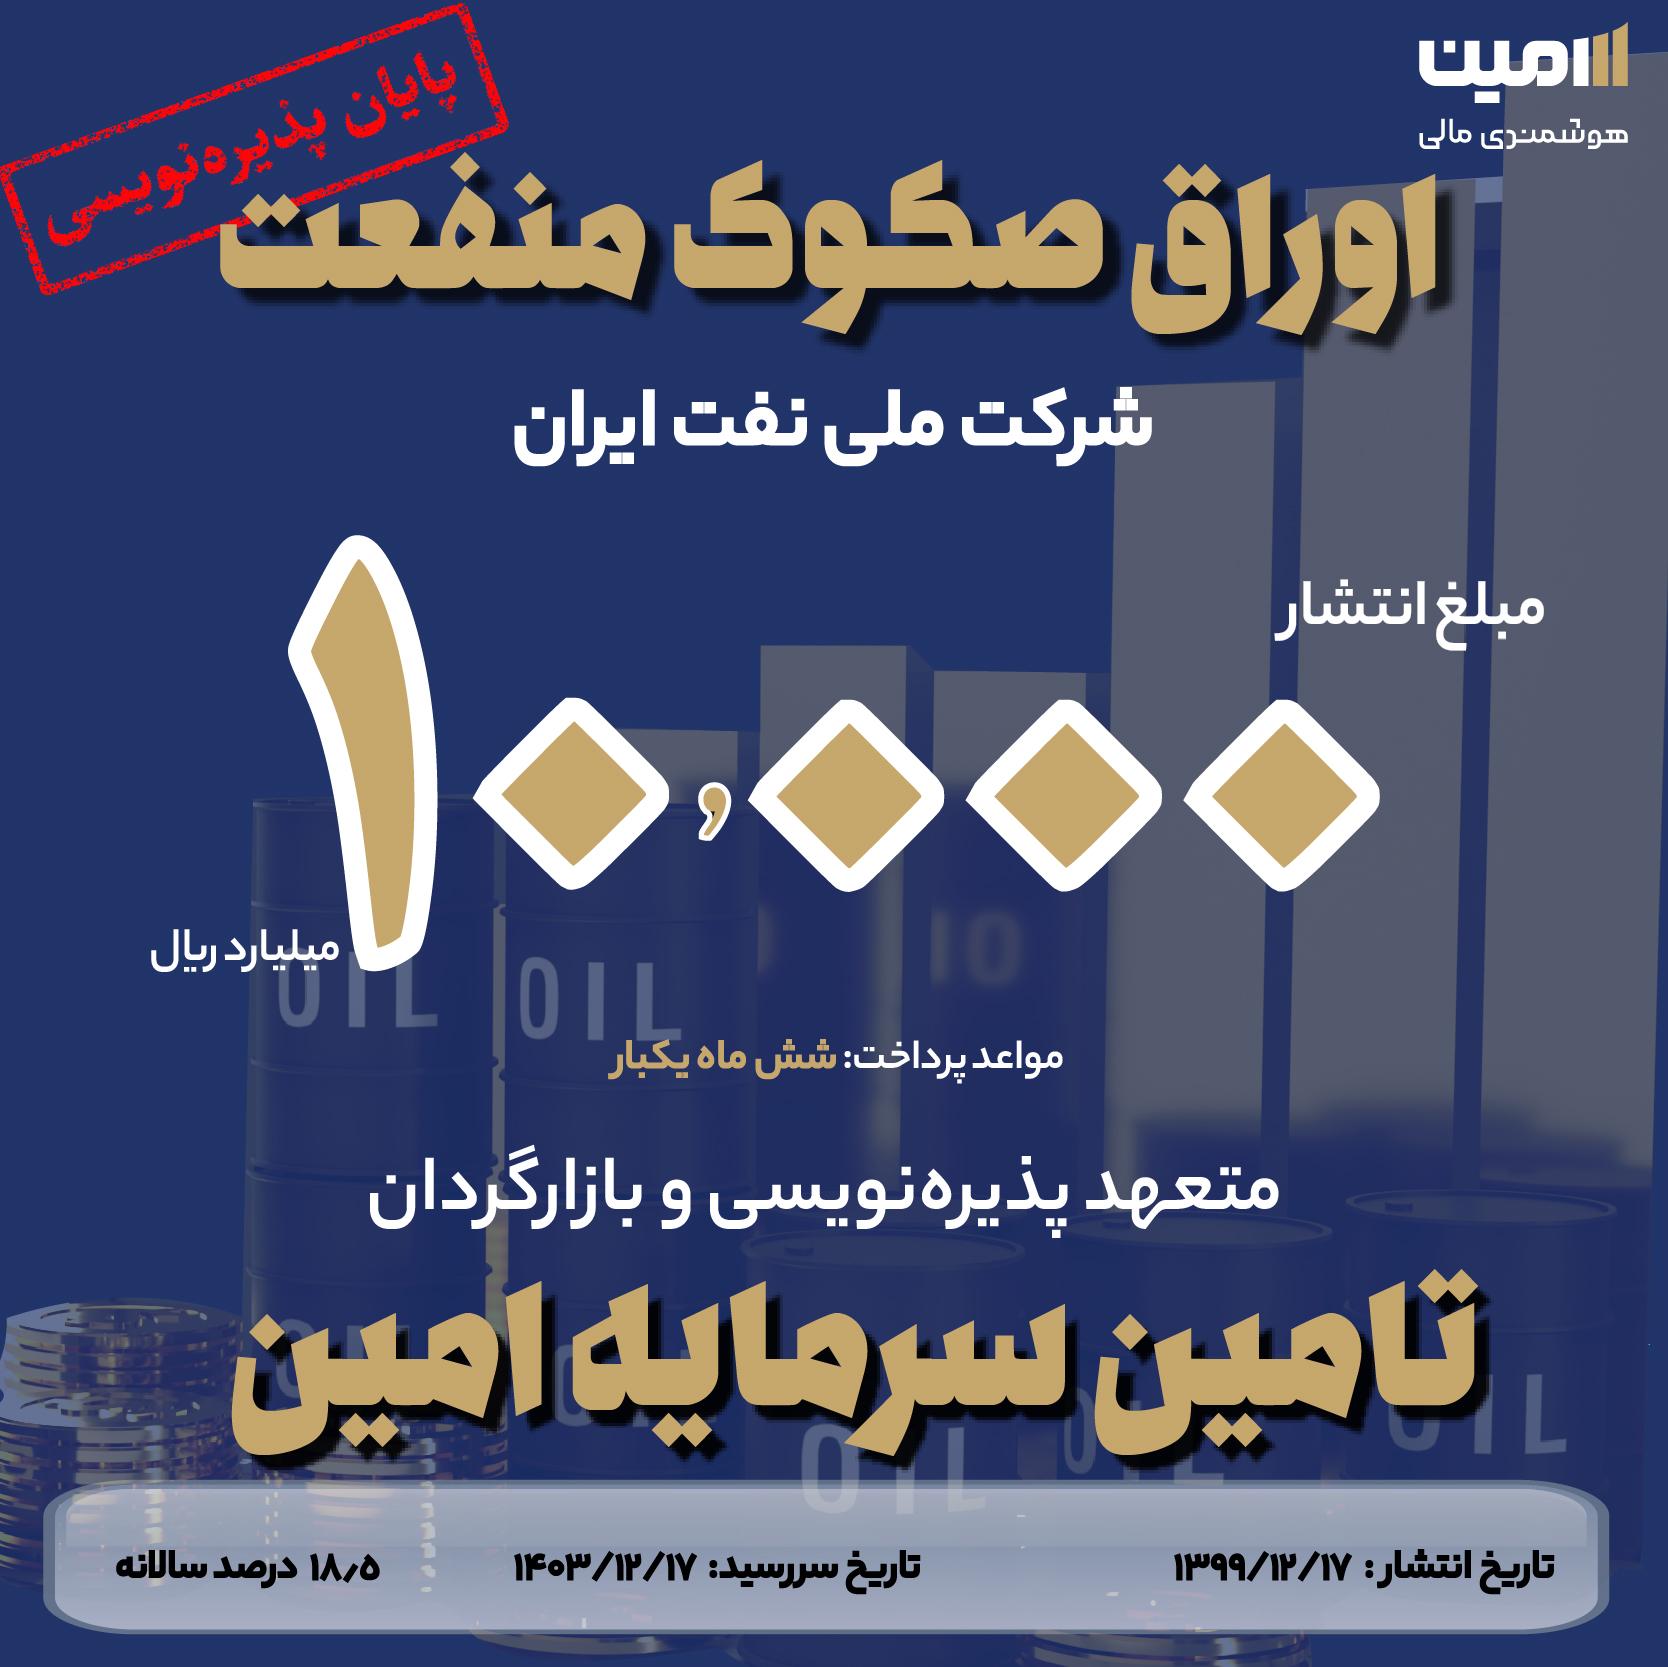 تامین مالی ١٠،٠٠٠  میلیاردی تامین سرمایه امین  برای شرکت ملی نفت ایران